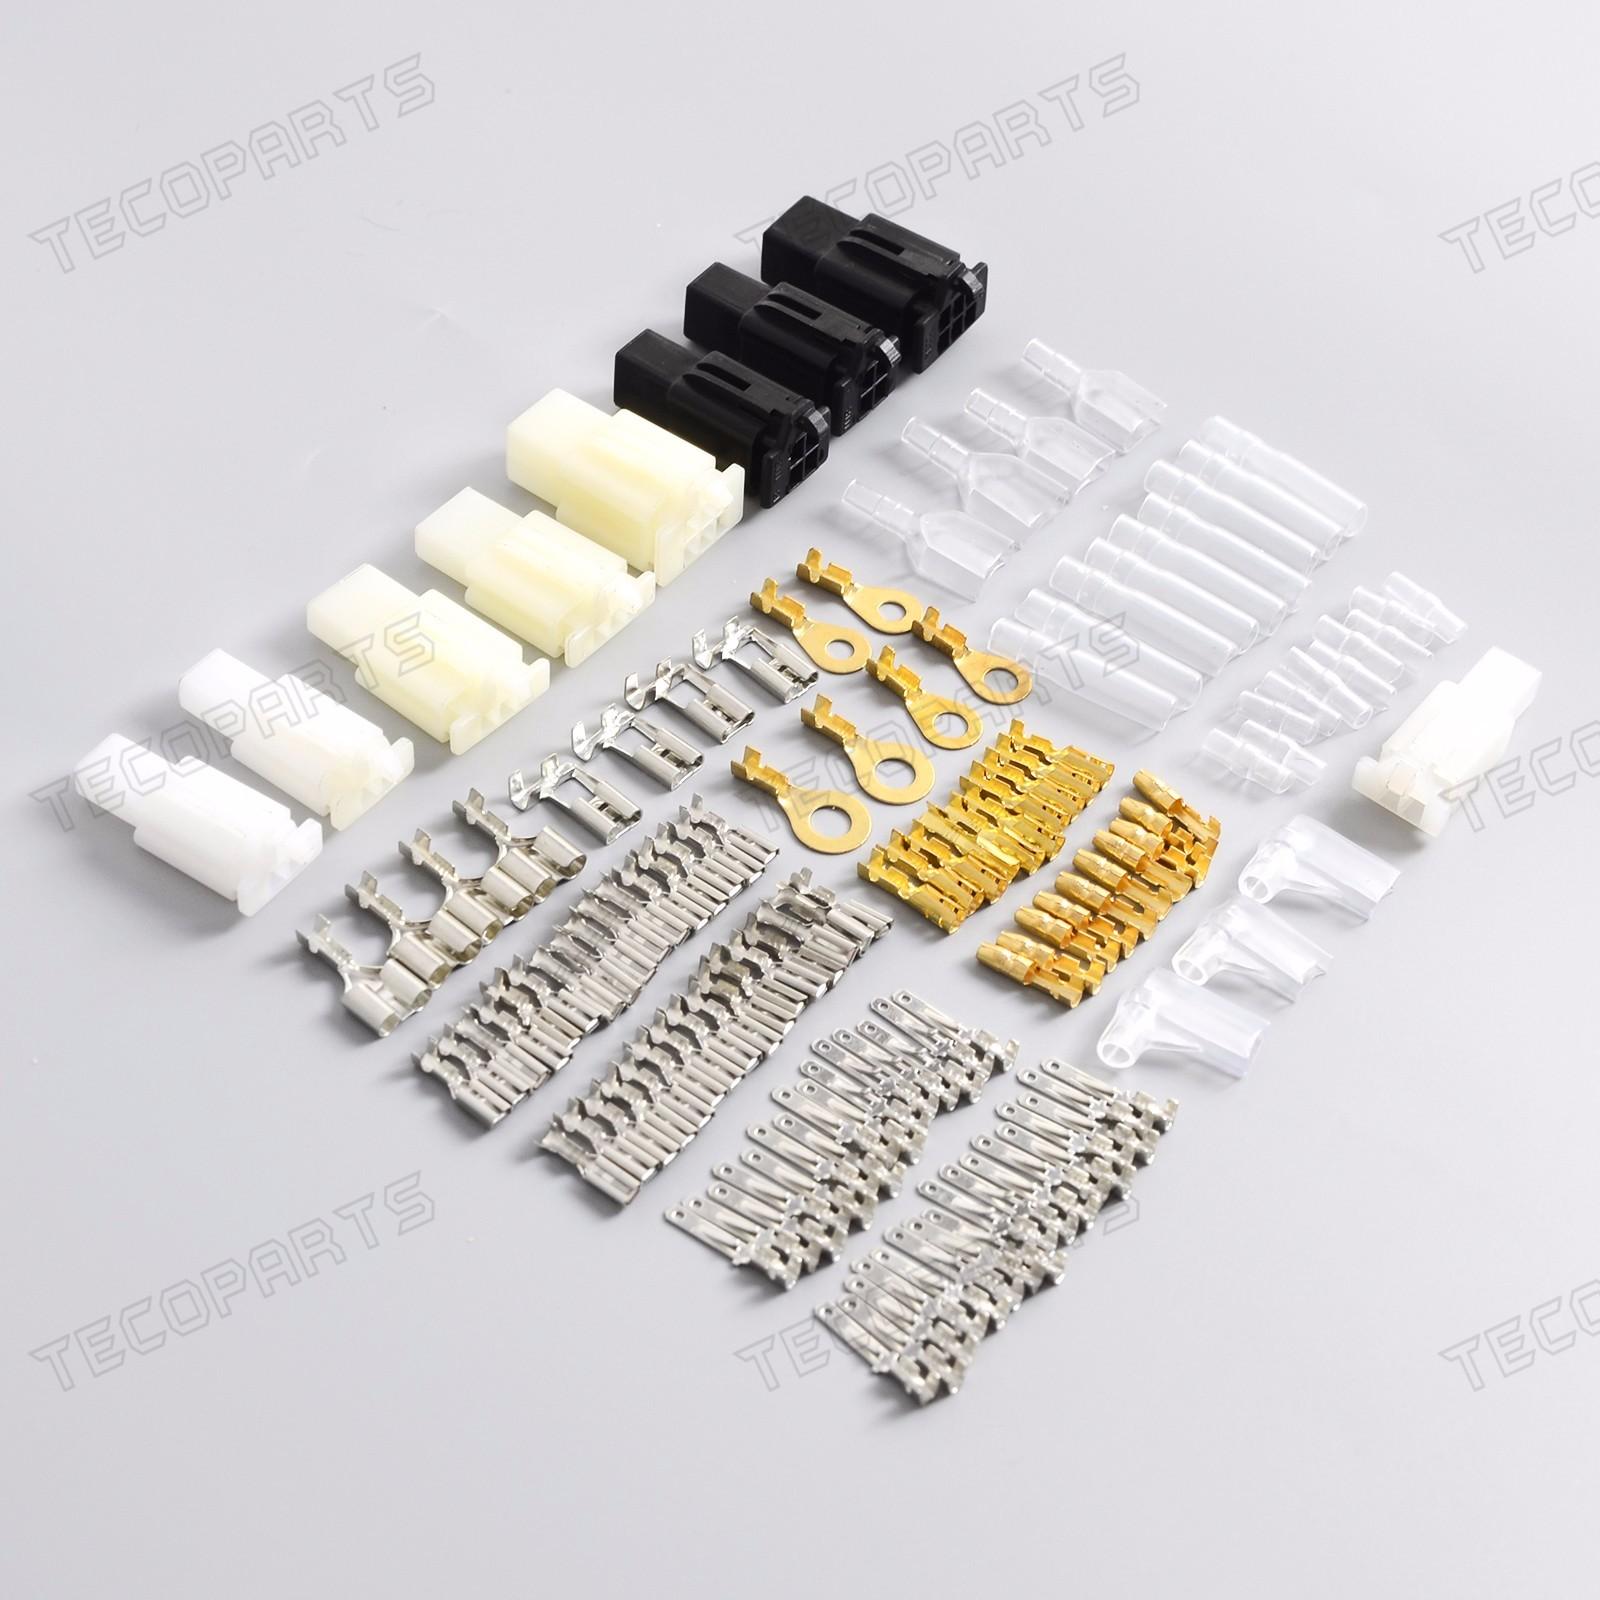 te pr006_(2) motorcycle new connector wiring loom automotive harness auto automotive wiring harness repair kits at n-0.co